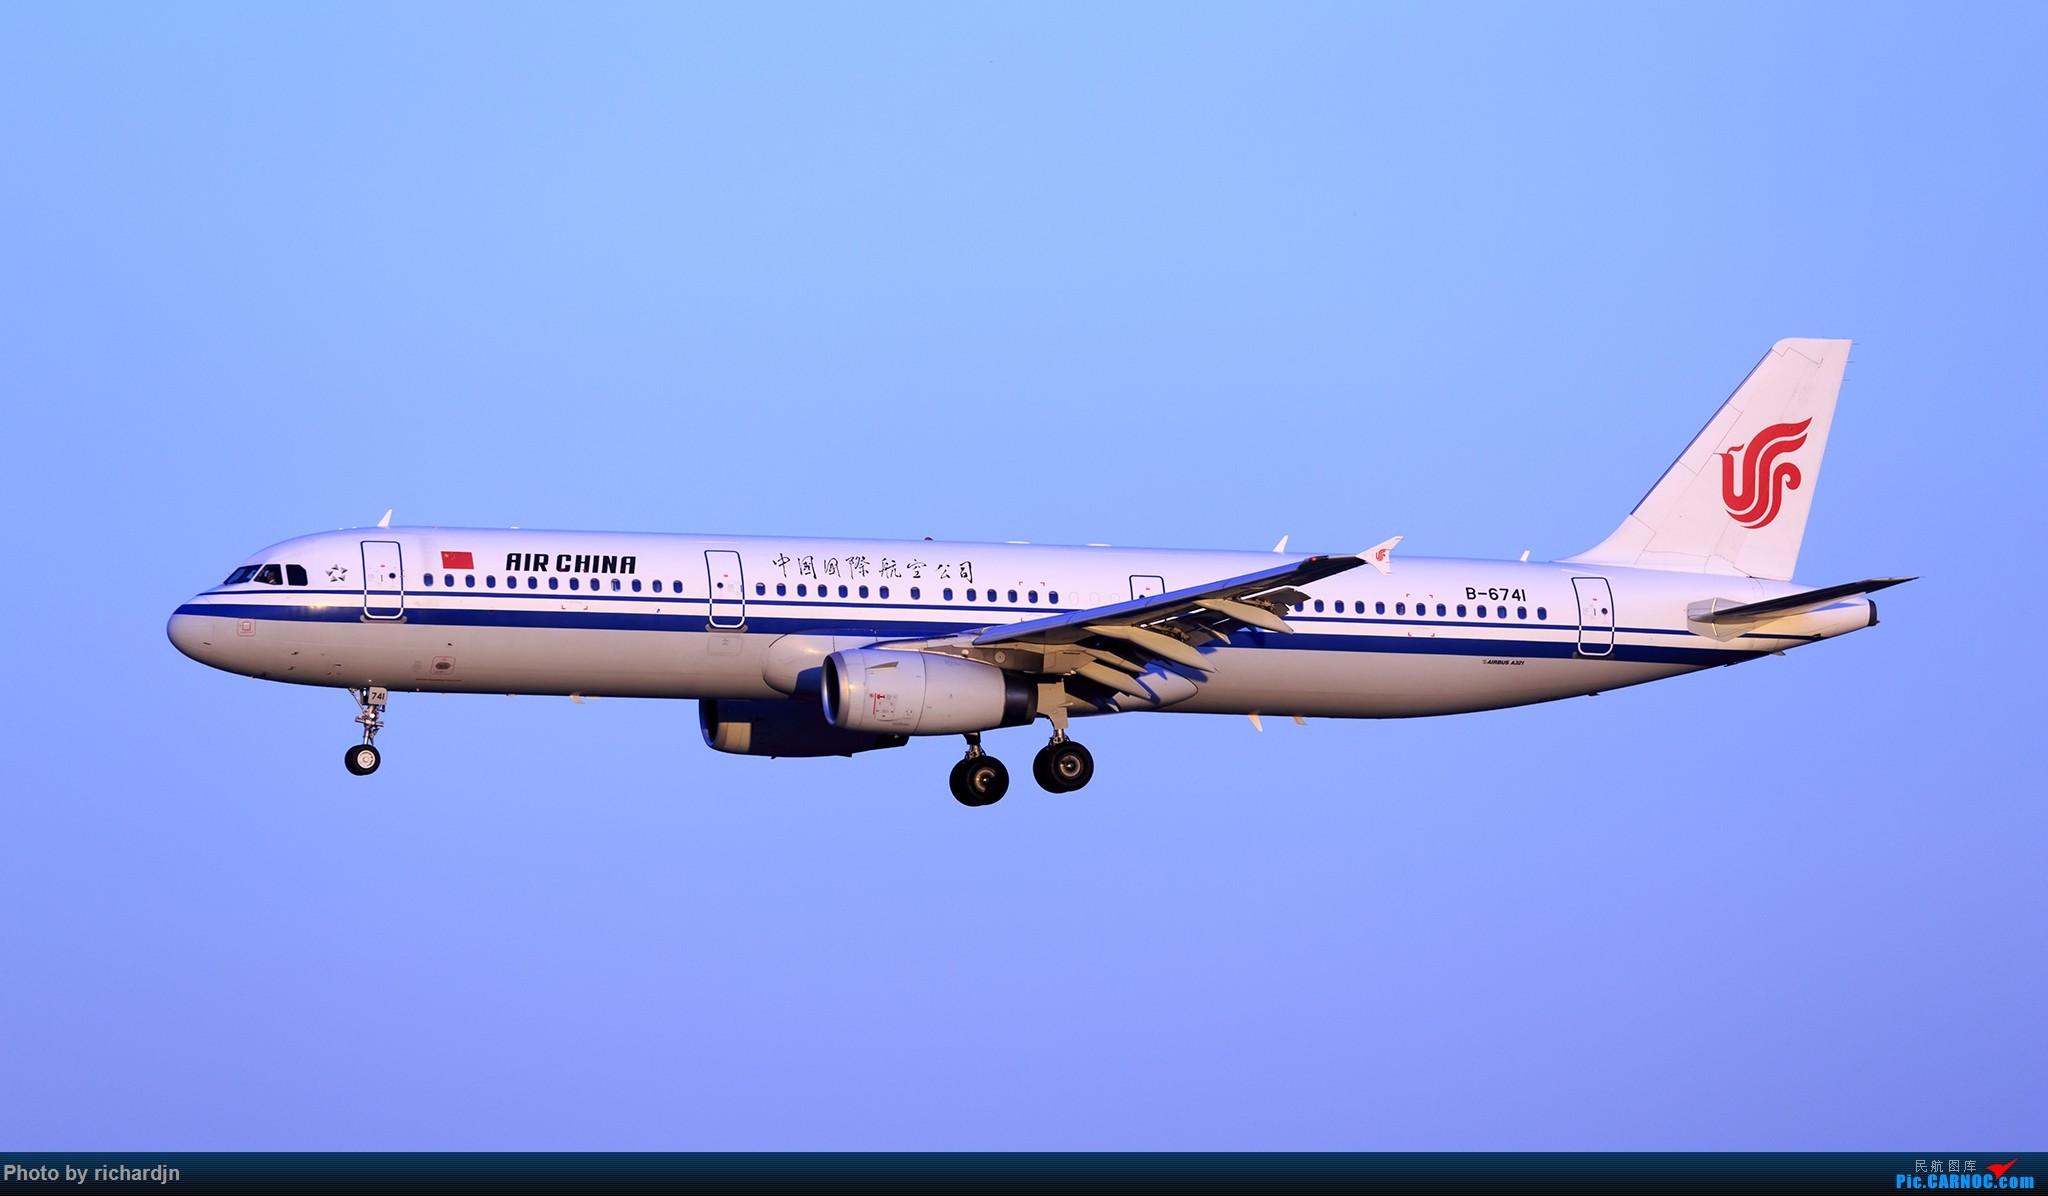 Re:[原创]2018年10月1日ZBAA撸机 AIRBUS A321-200 B-6741 中国北京首都国际机场